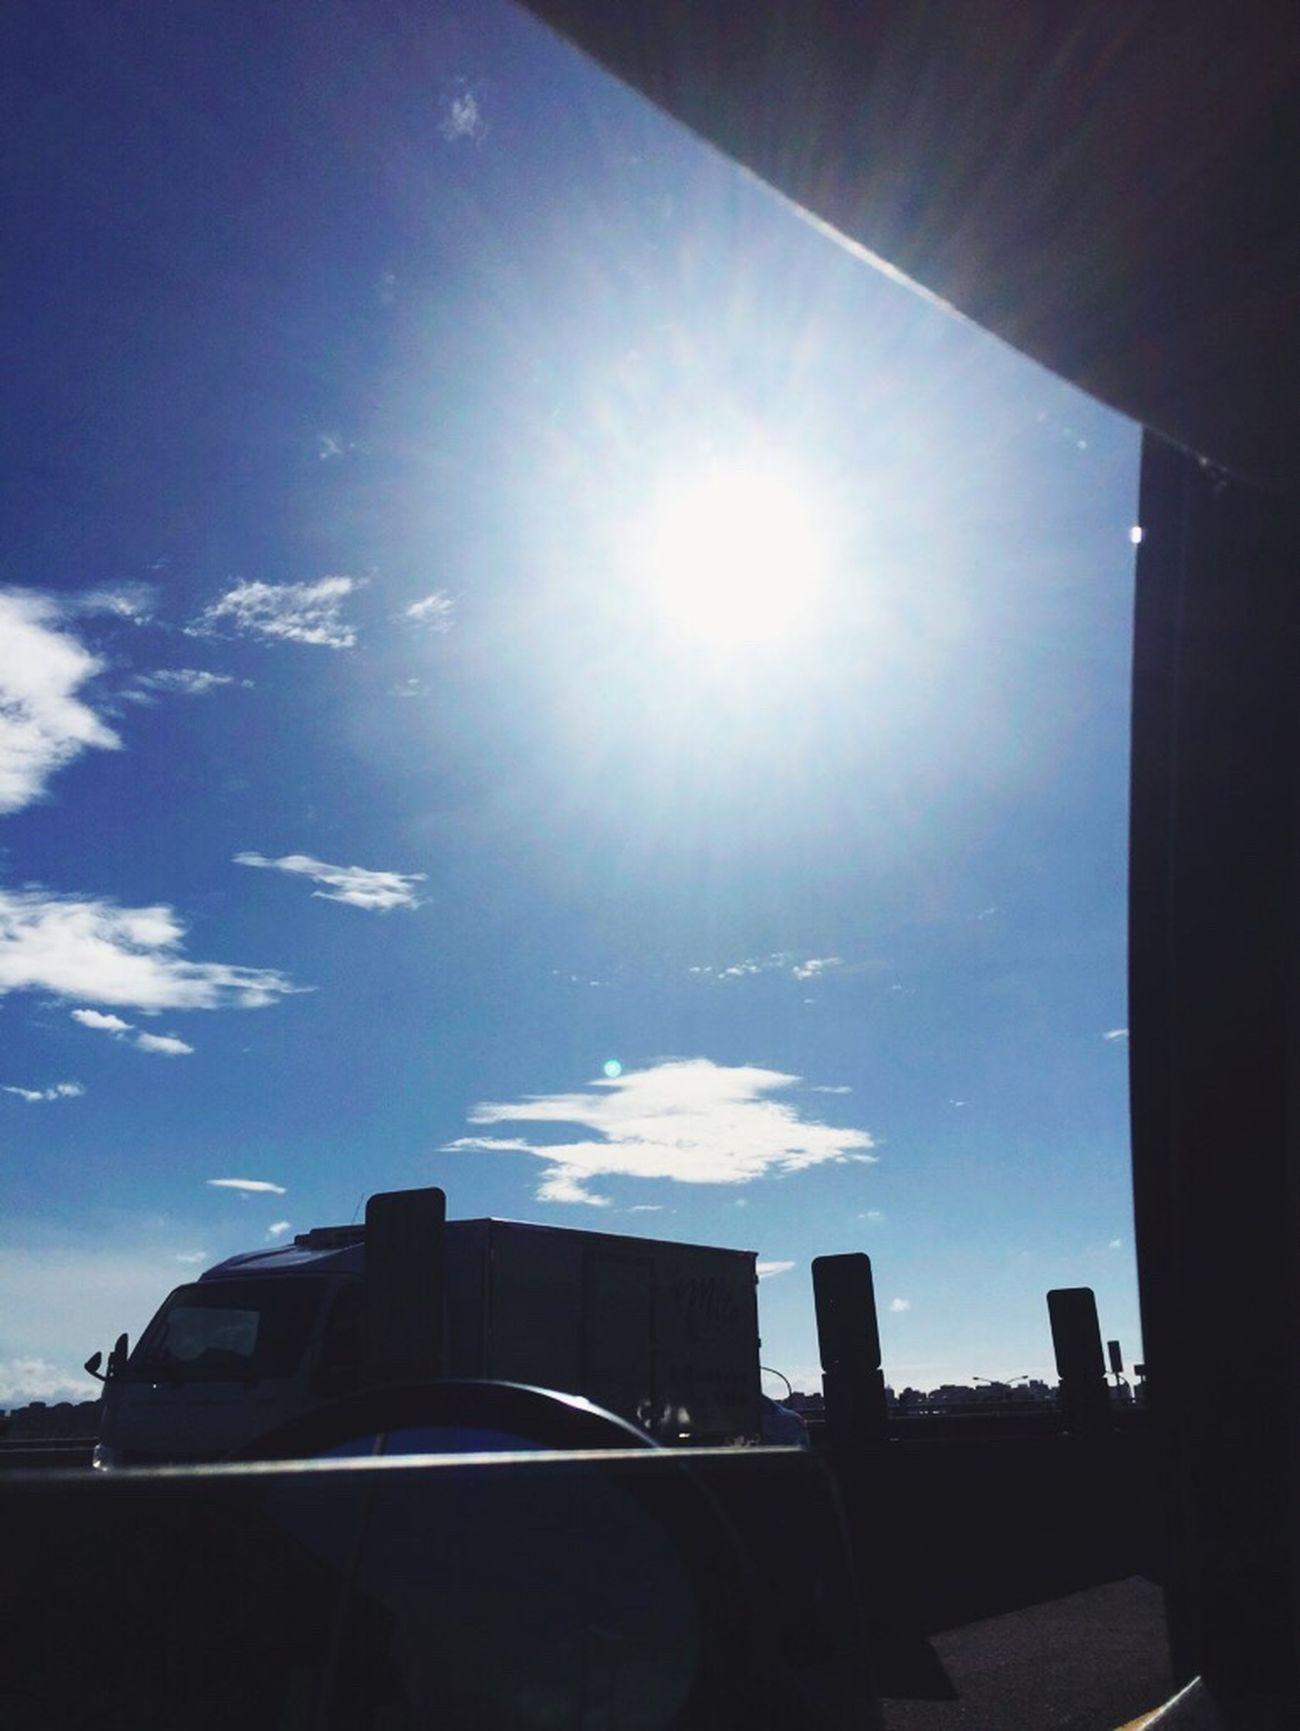 📸迎向陽光😎 Sky 美景 天空的畫作 2016 景色 手機の拍攝遠不及眼簾看到之風景⋯⋯ Cloud 好心情 ㄧ瞬間 這扇門